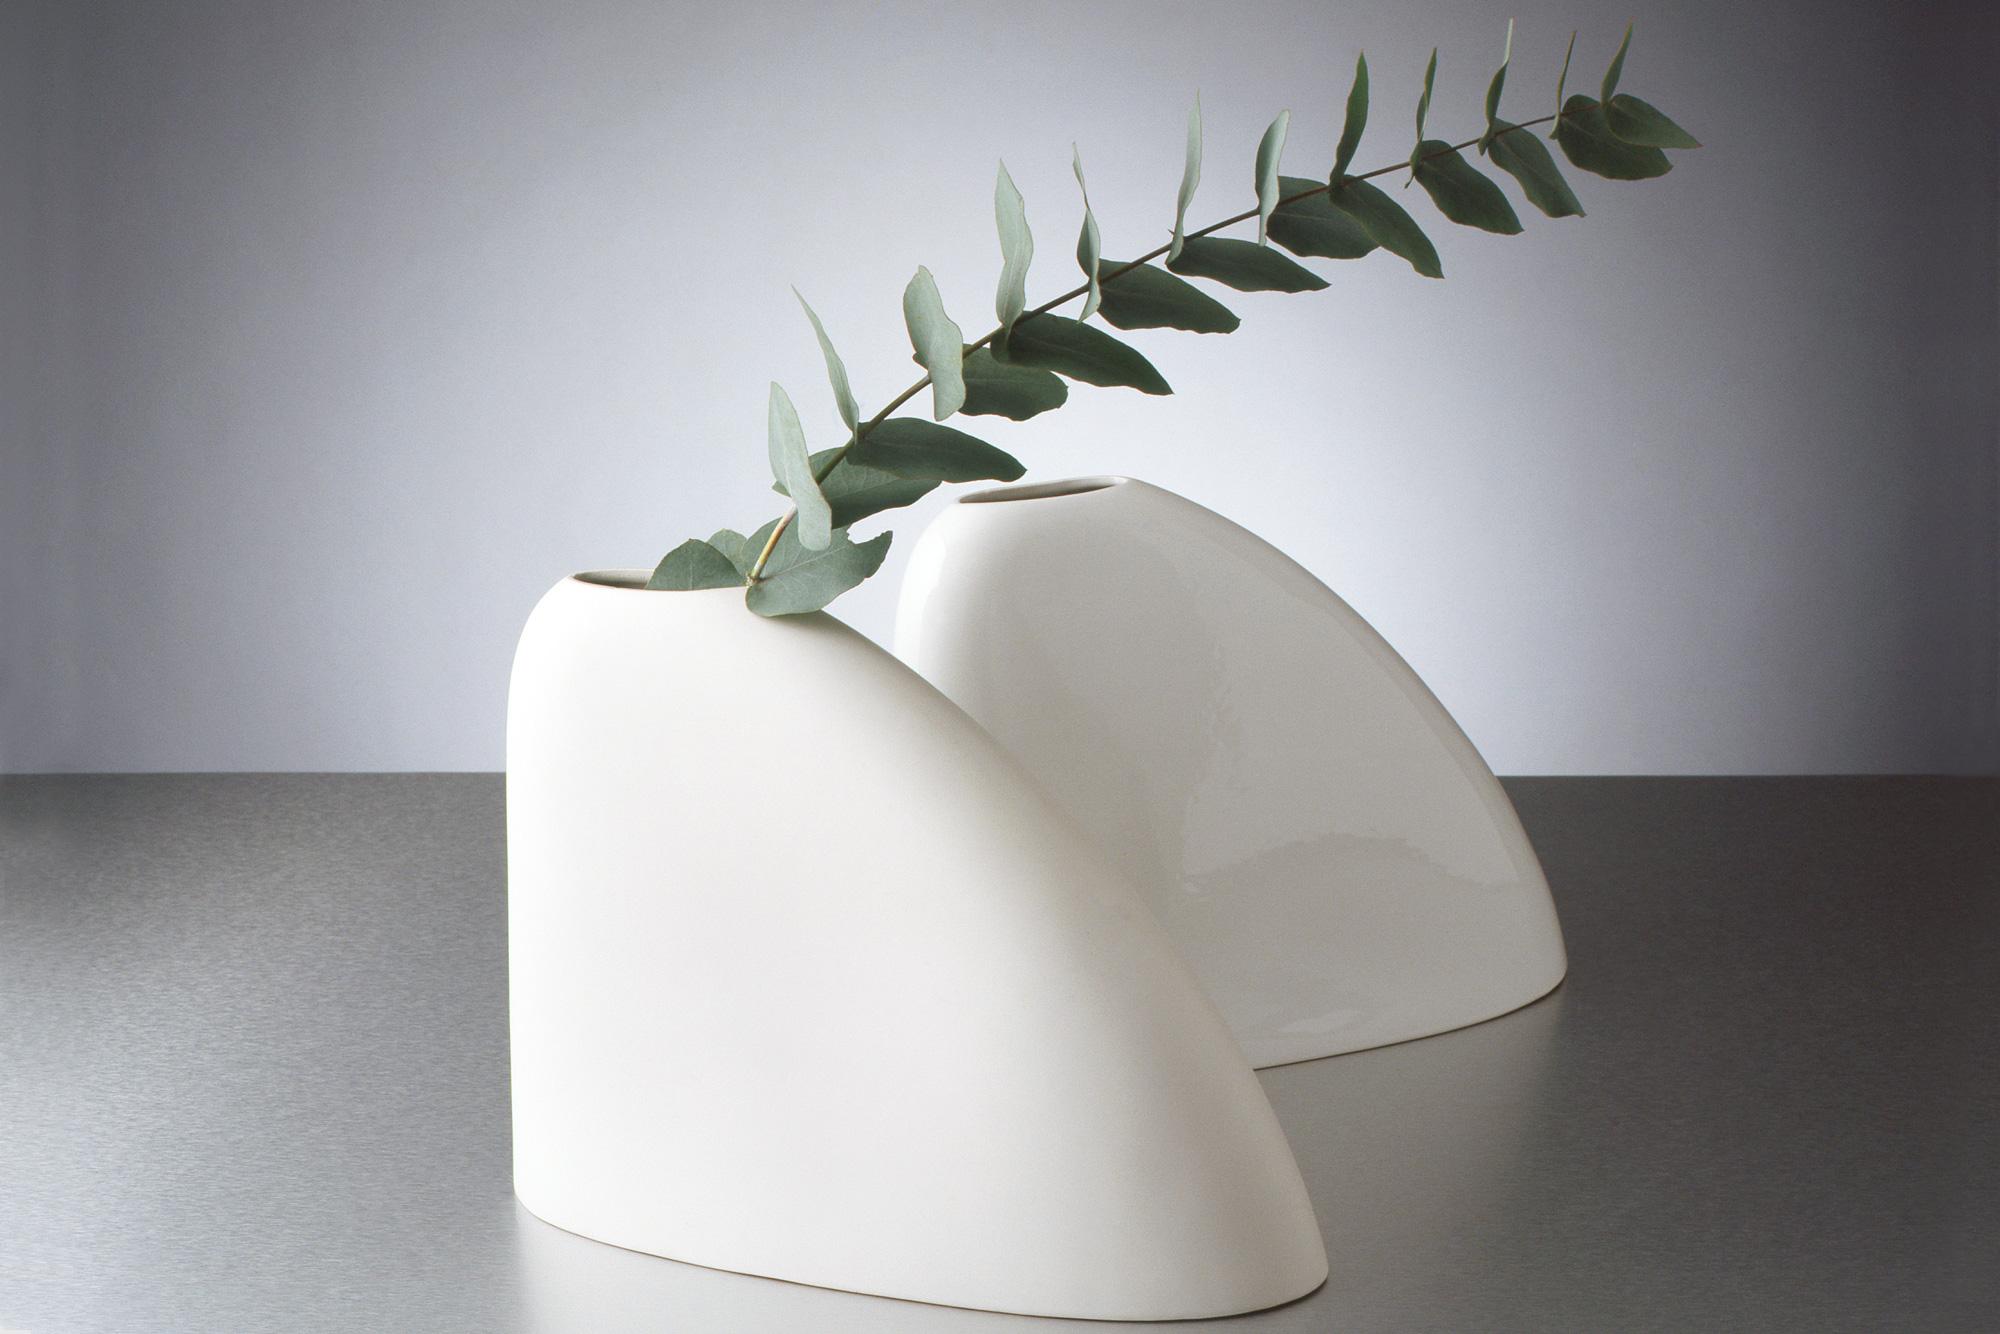 Bodo Sperlein Studio Bilbao Range of Ceramic Vases